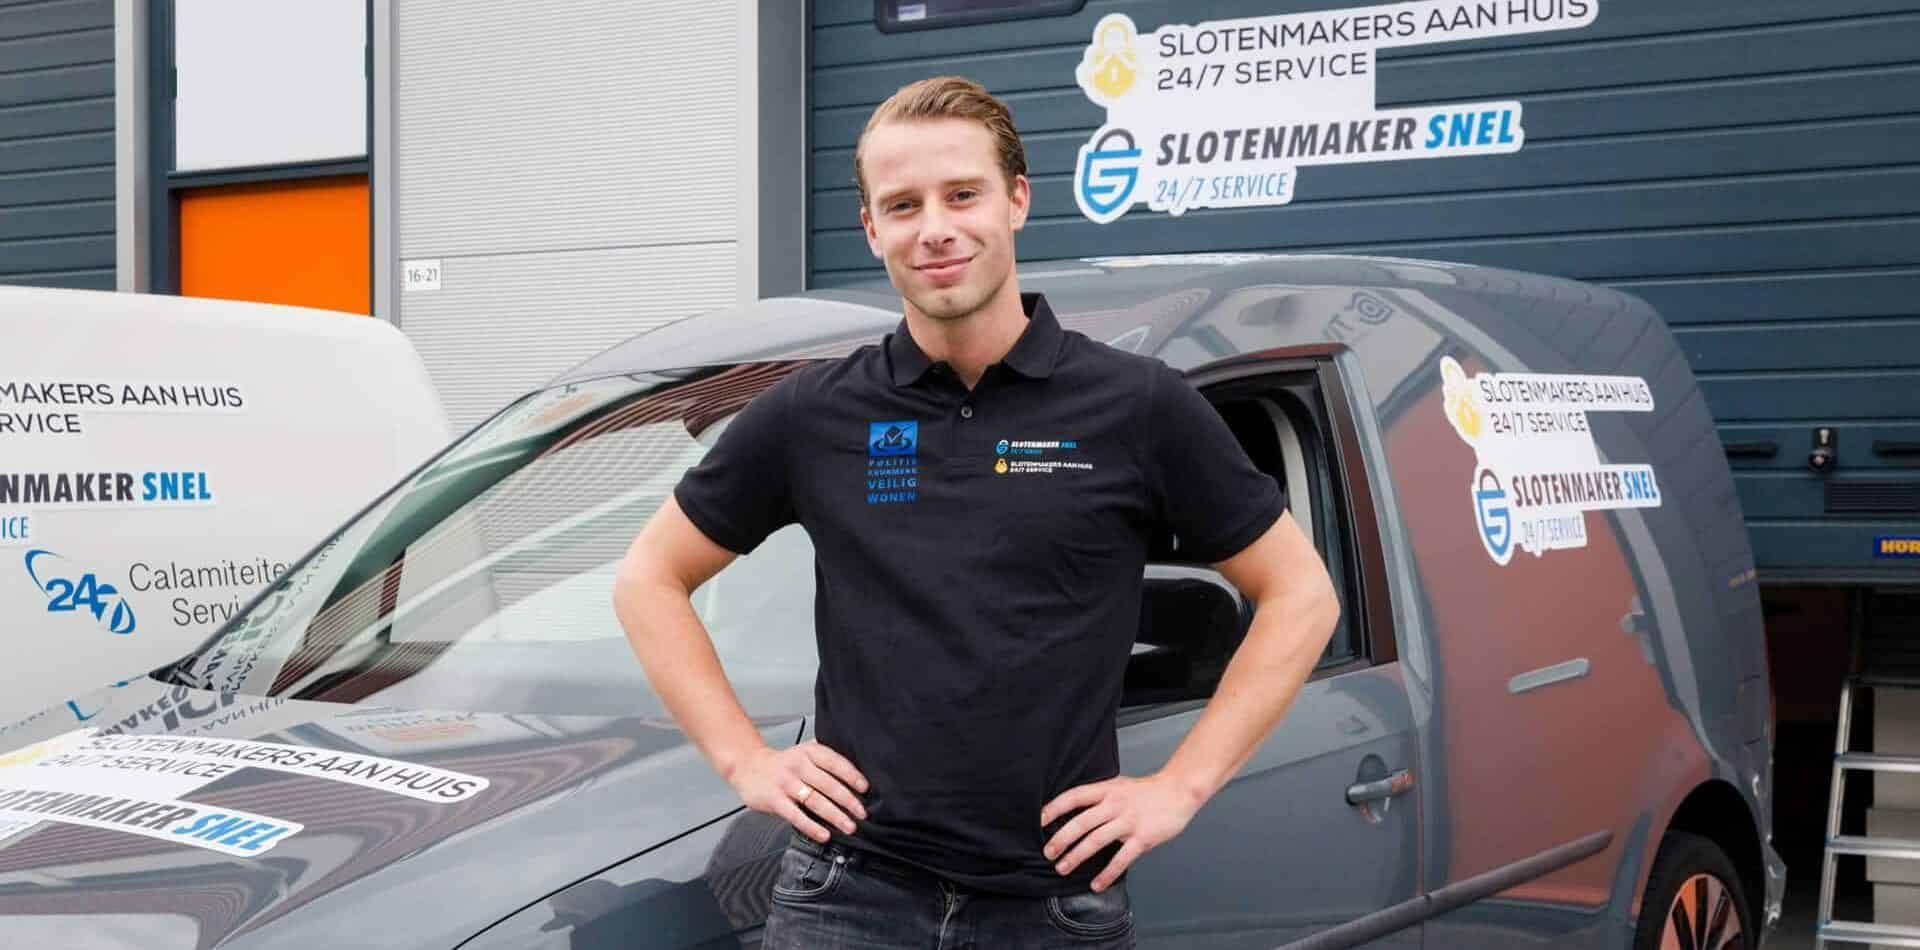 Slotenmaker Moerkapelle (6)